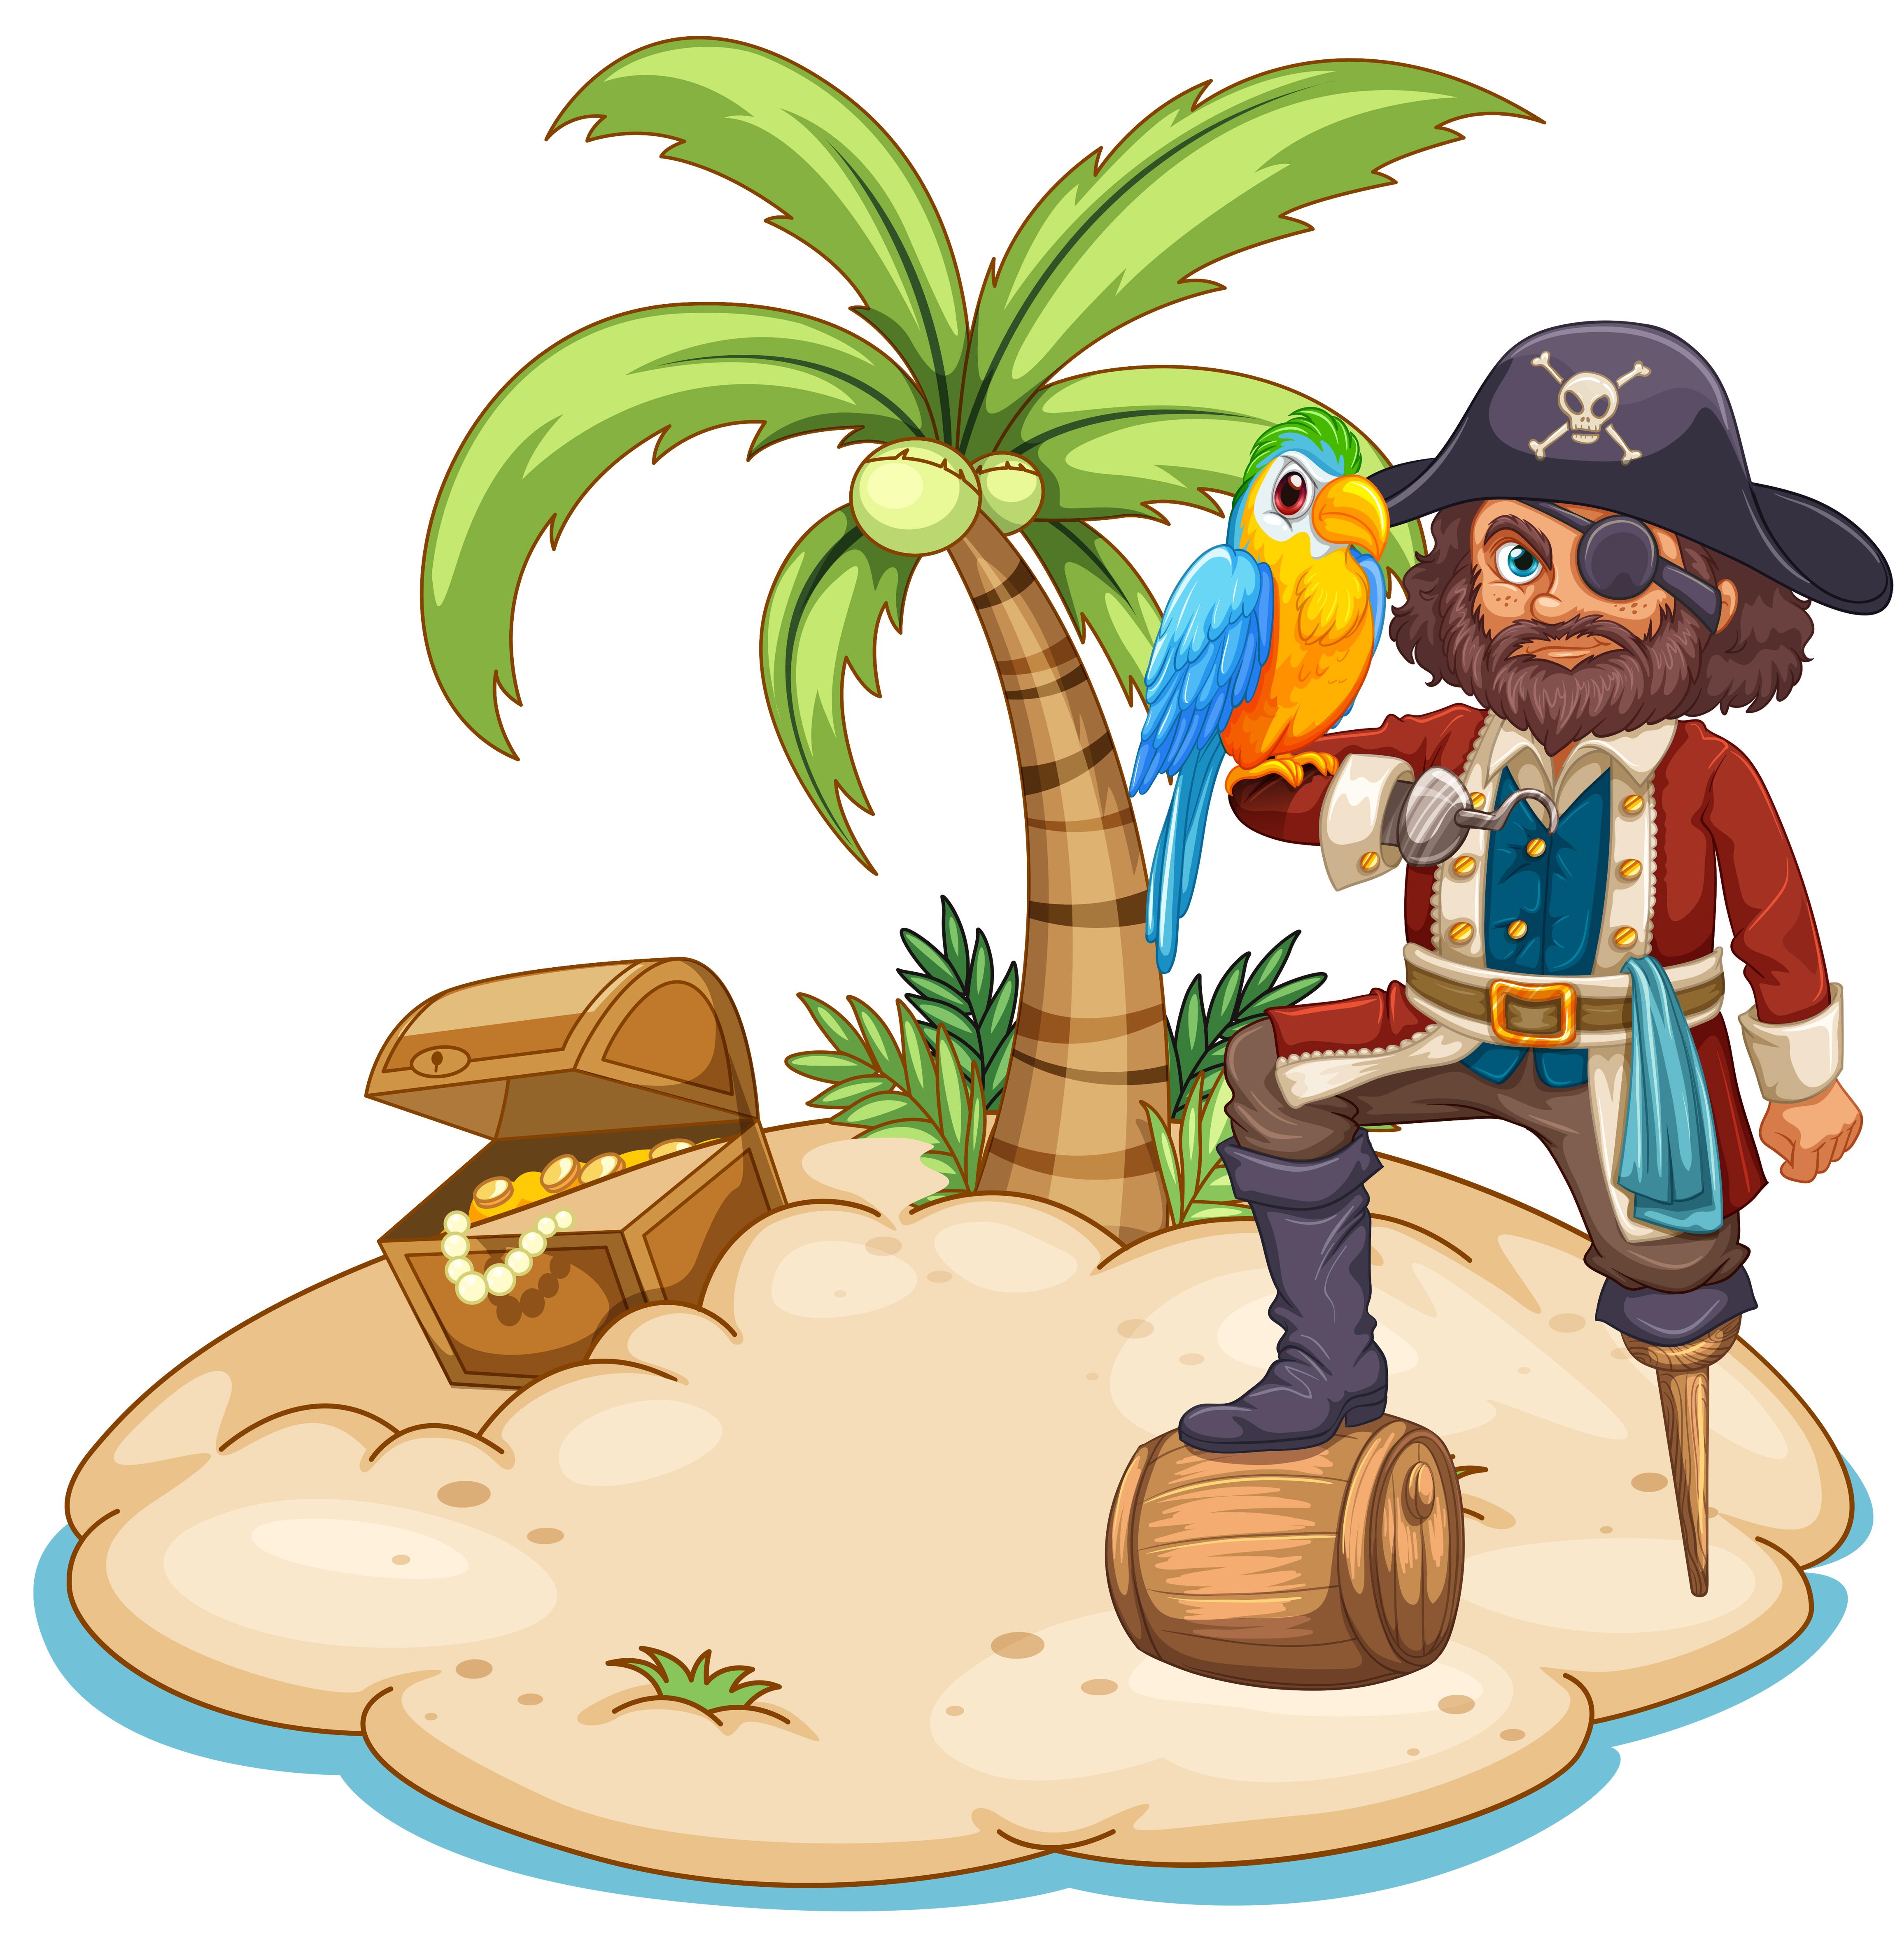 этом рисунок пираты на острове перечень всех элементов